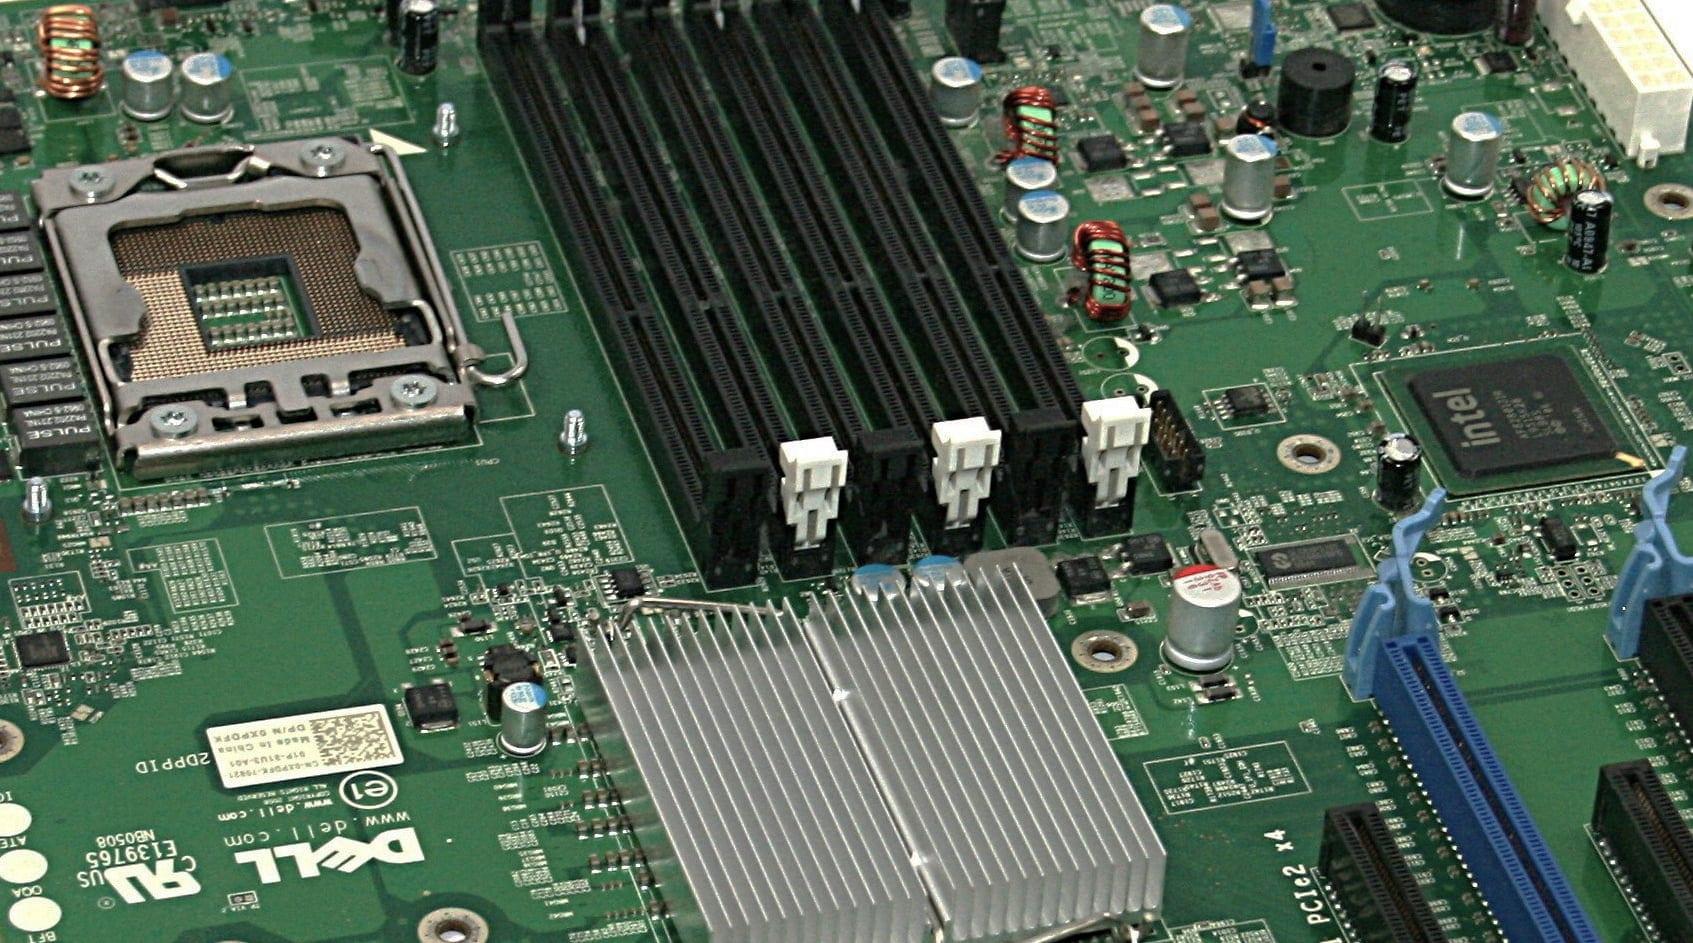 Ультра-дешевый LGA1366: Обзор и тестирование материнской платы DELL T3500 (09KPNV)